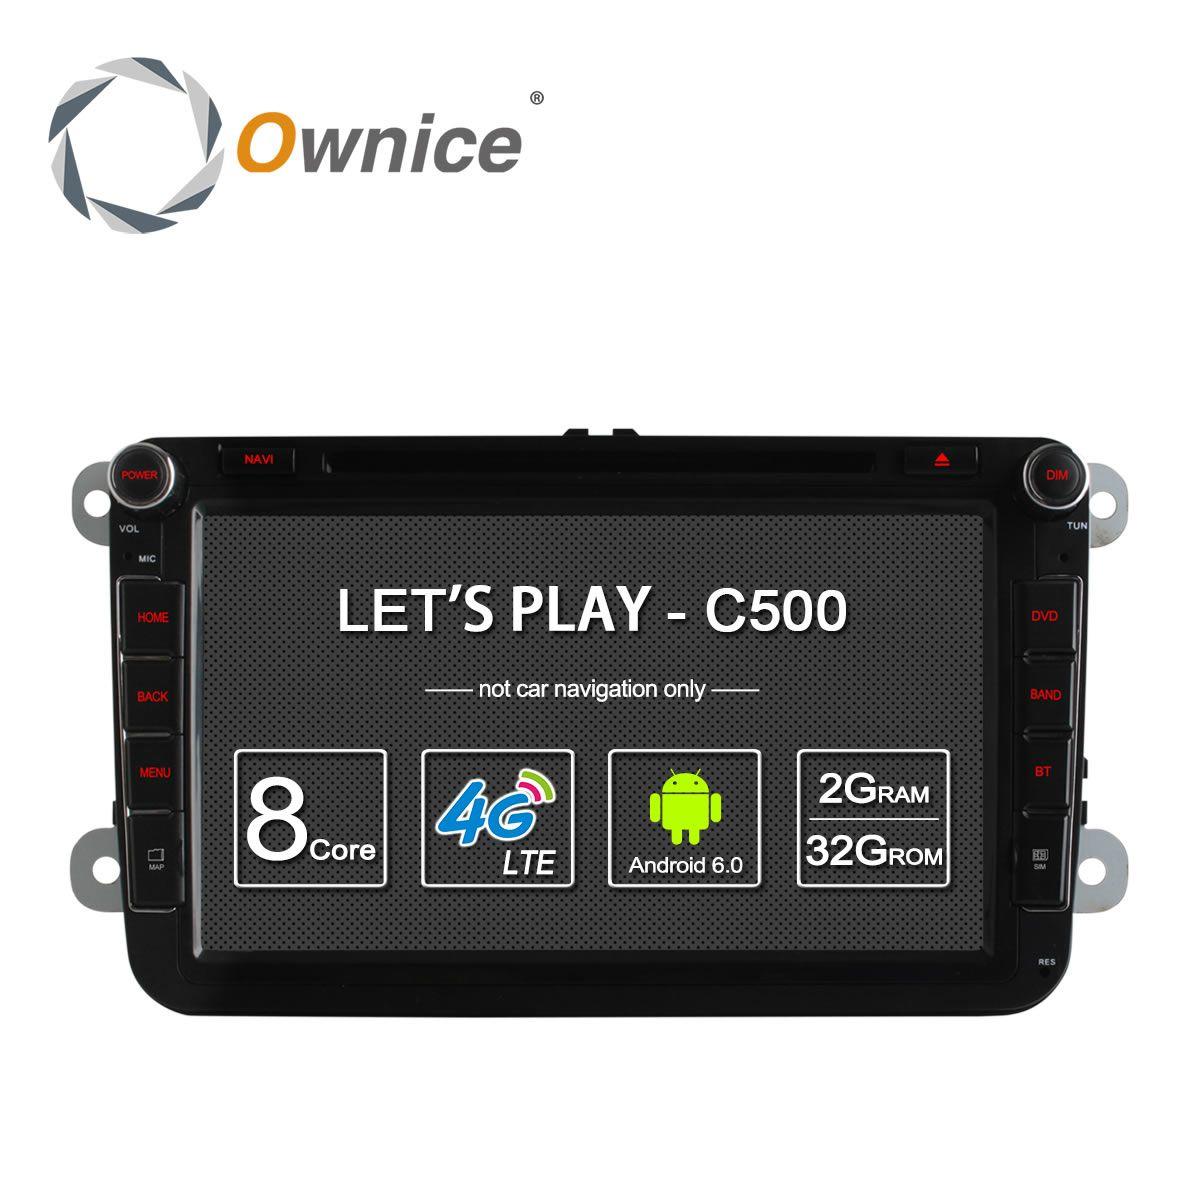 4G SIM LTE Réseau Ownice C500 Octa 8 Core Android 6.0 2G RAM 2 Din Voiture DVD GPS Navi Radio Lecteur Pour VW Skoda Octavia 2